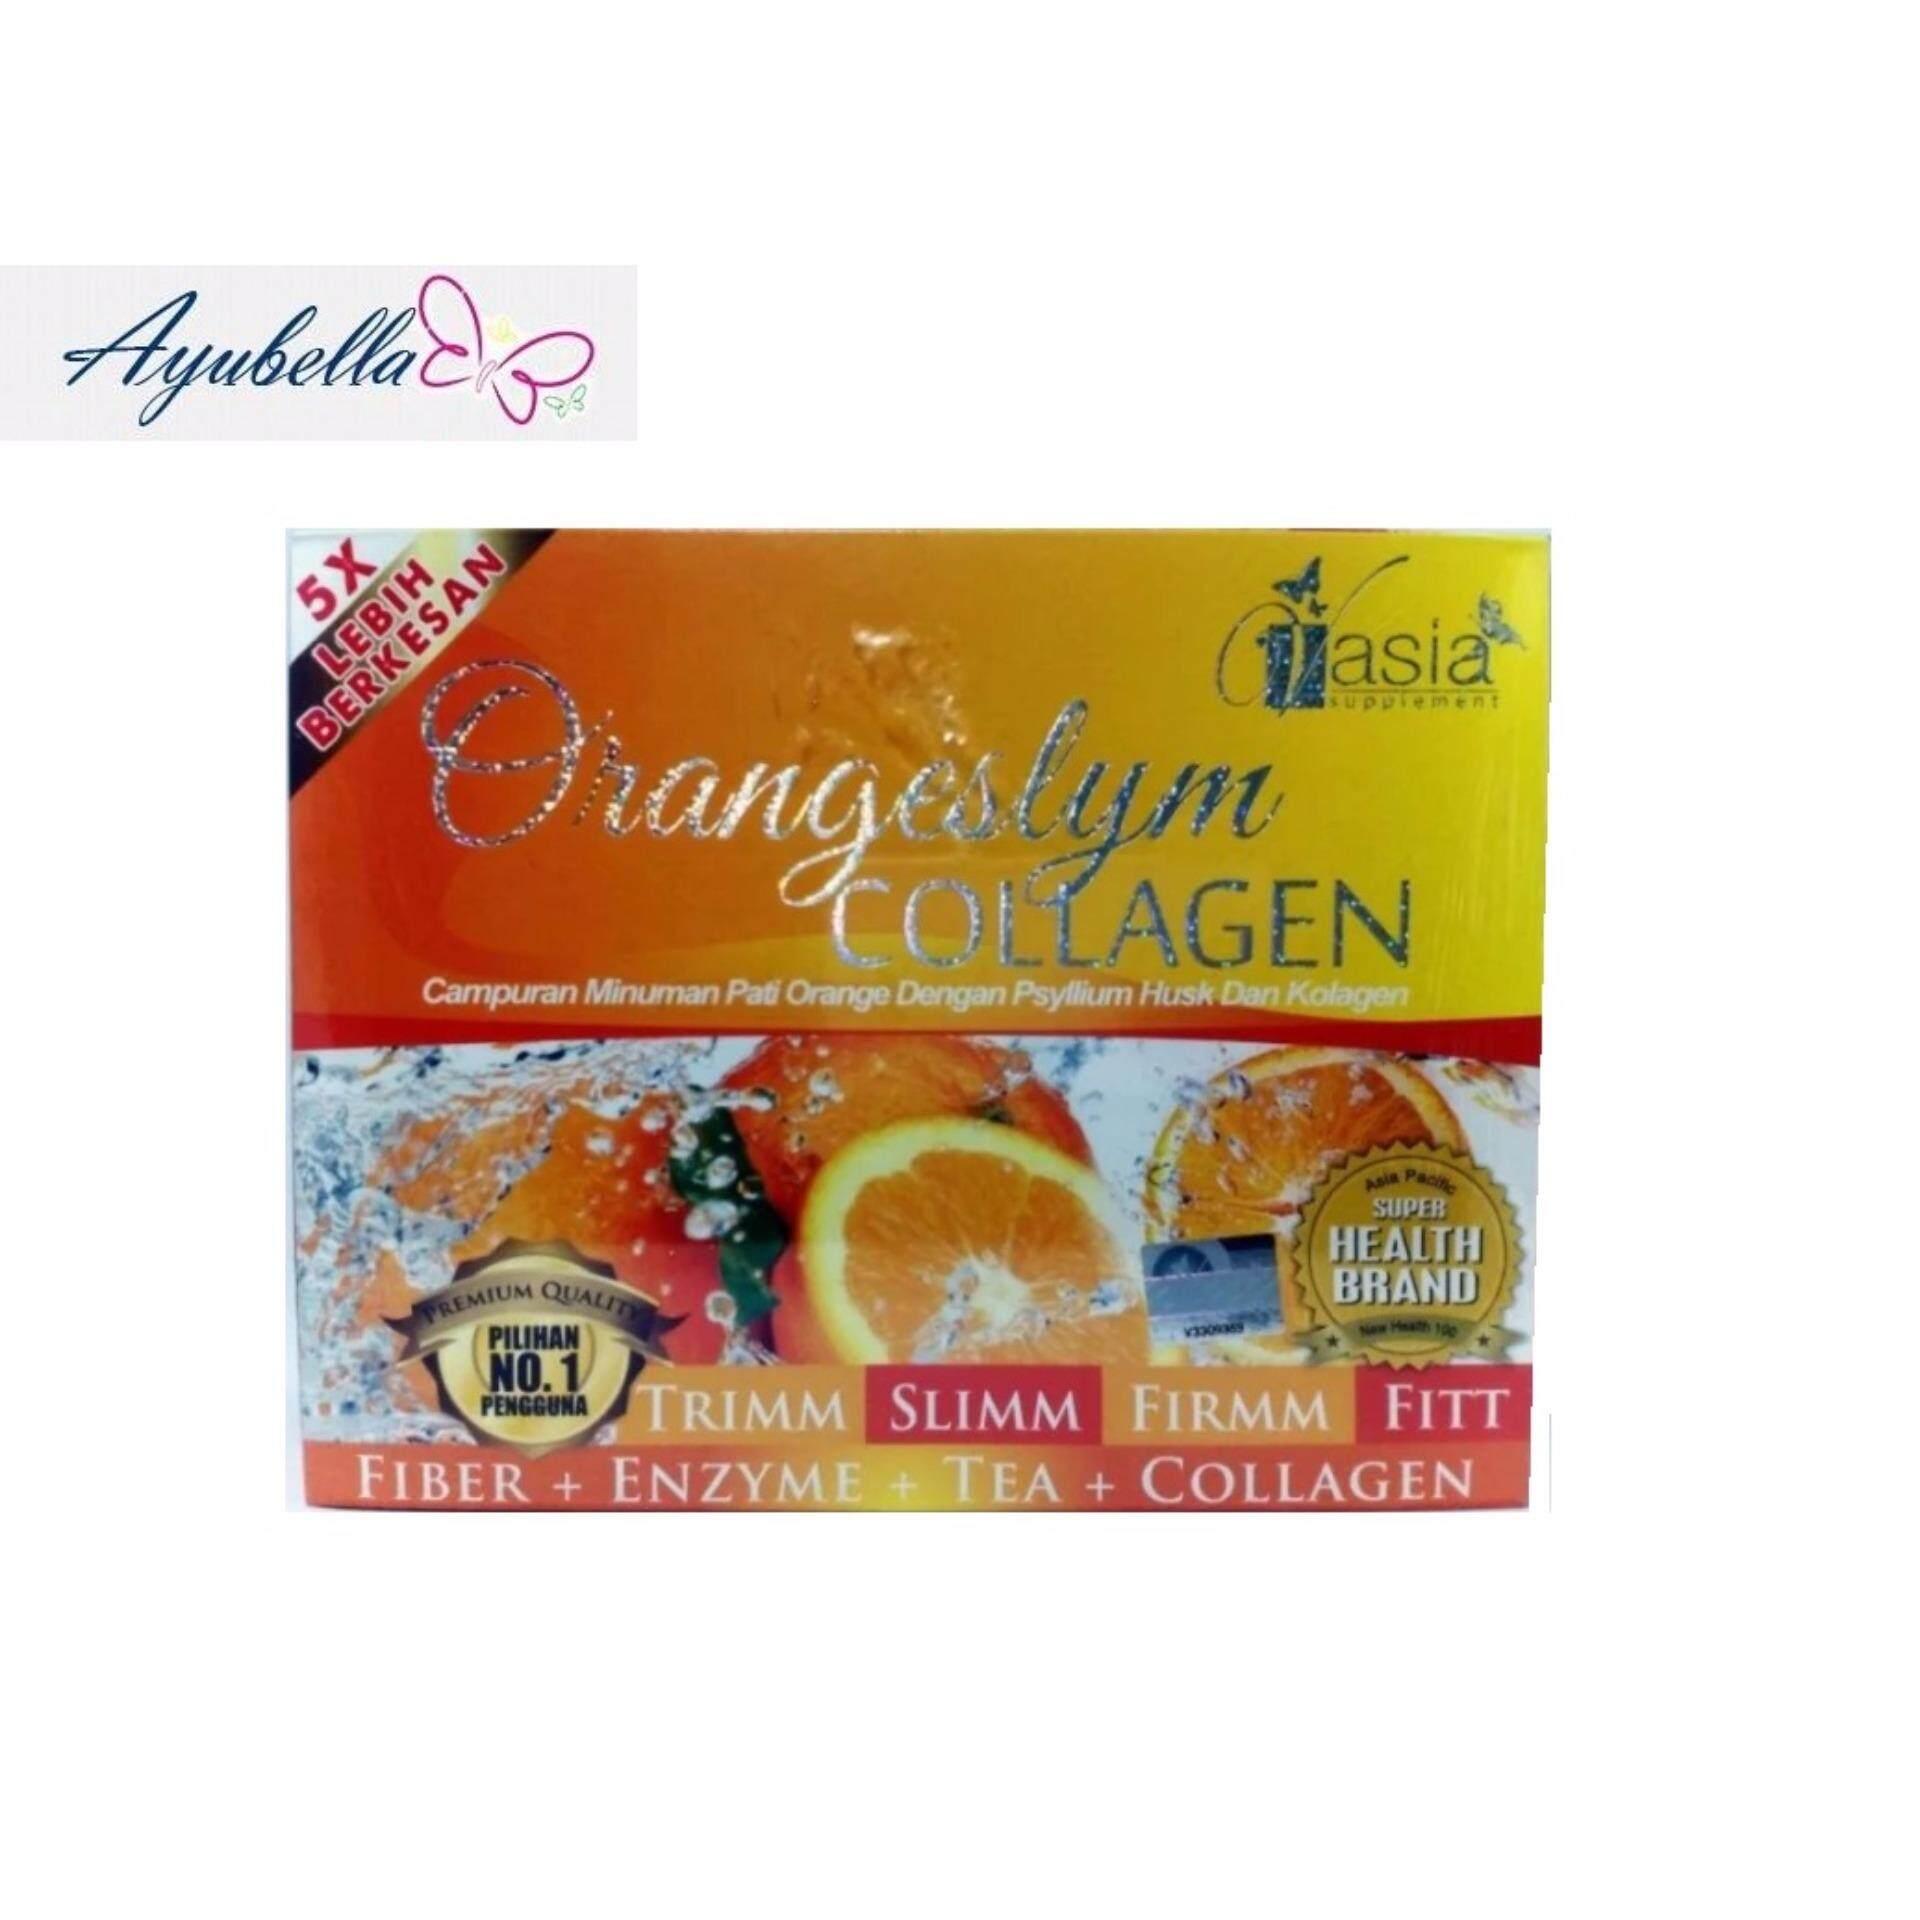 V'Asia Orange Fiber Plus Collagen VAsia Orangeslym x 6